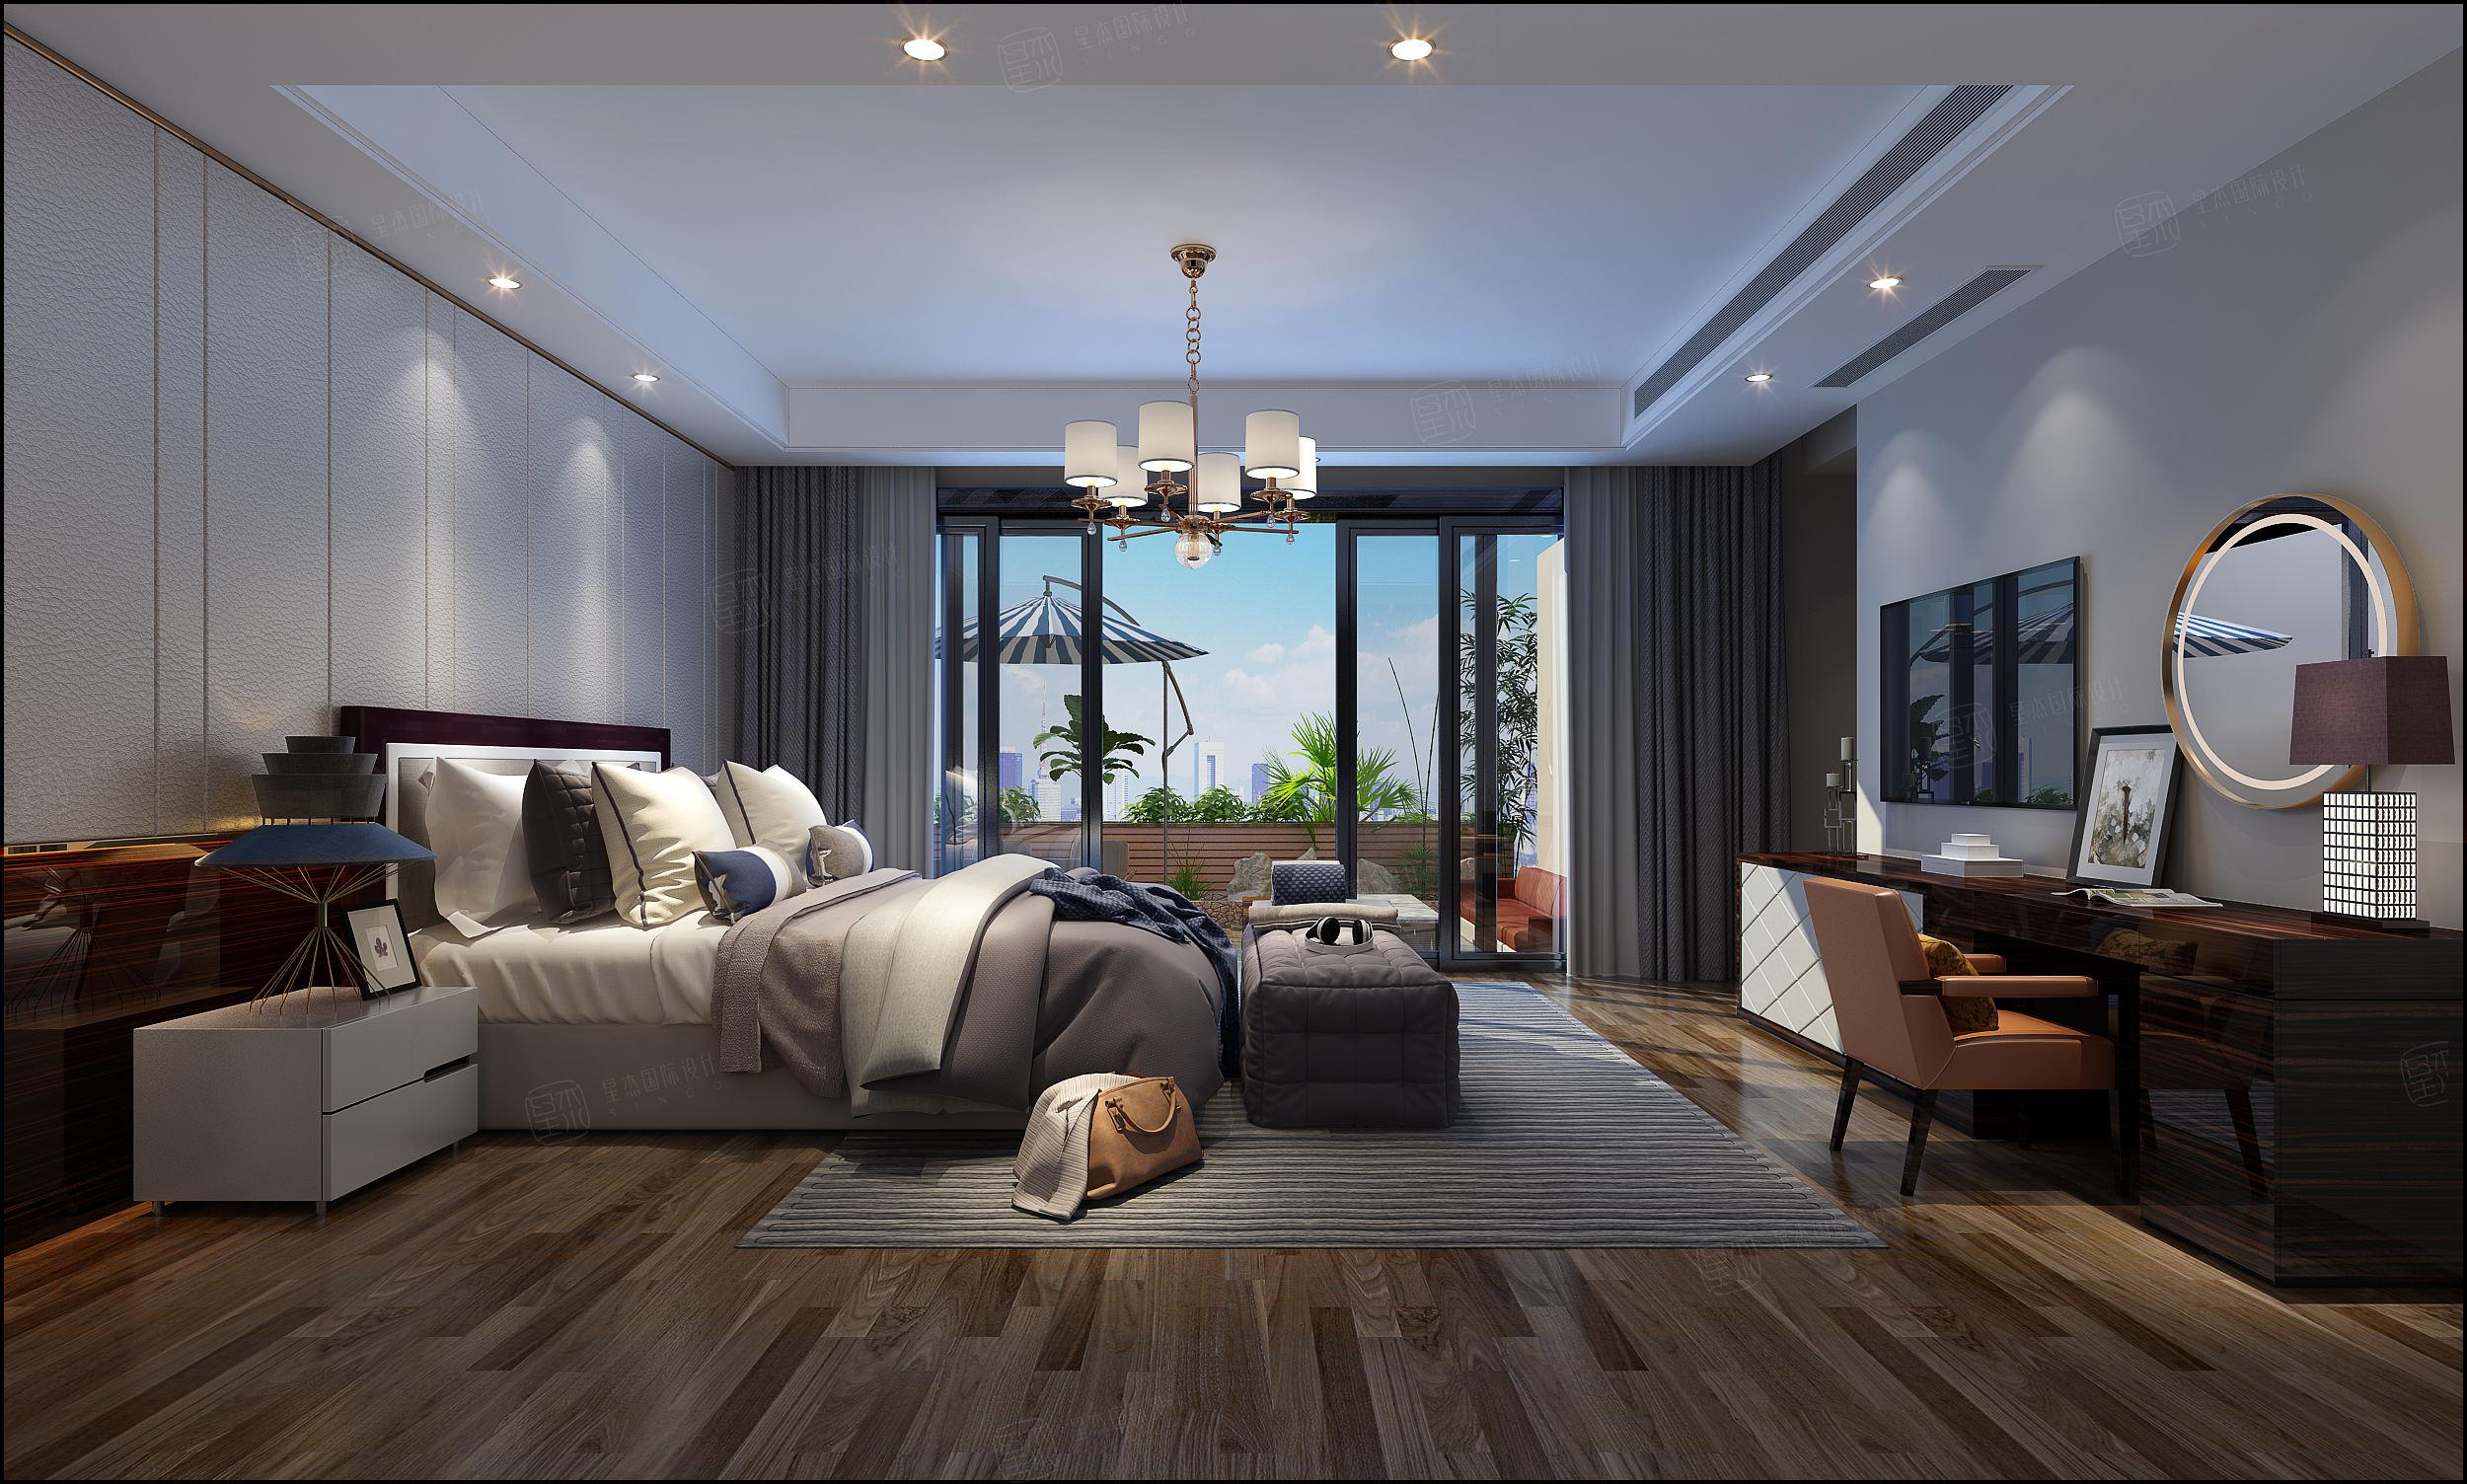 复地北桥城 奢华装修起居室效果图